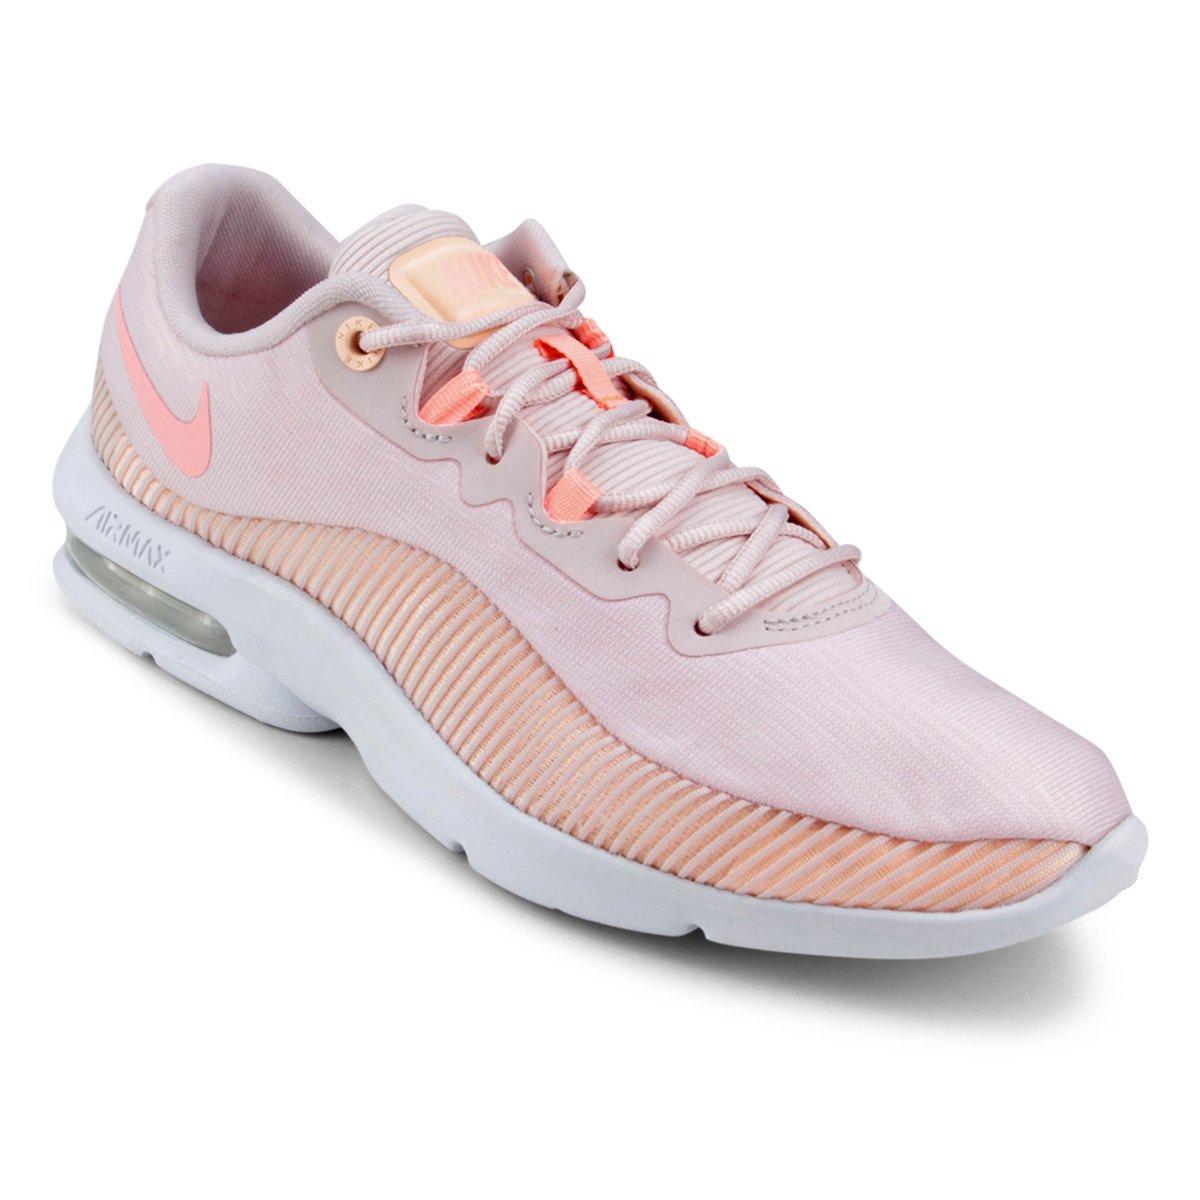 b96d86fb750e0 Tênis Nike Air Max Advantage 2 Feminino - Rosa e Vermelho - Compre Agora